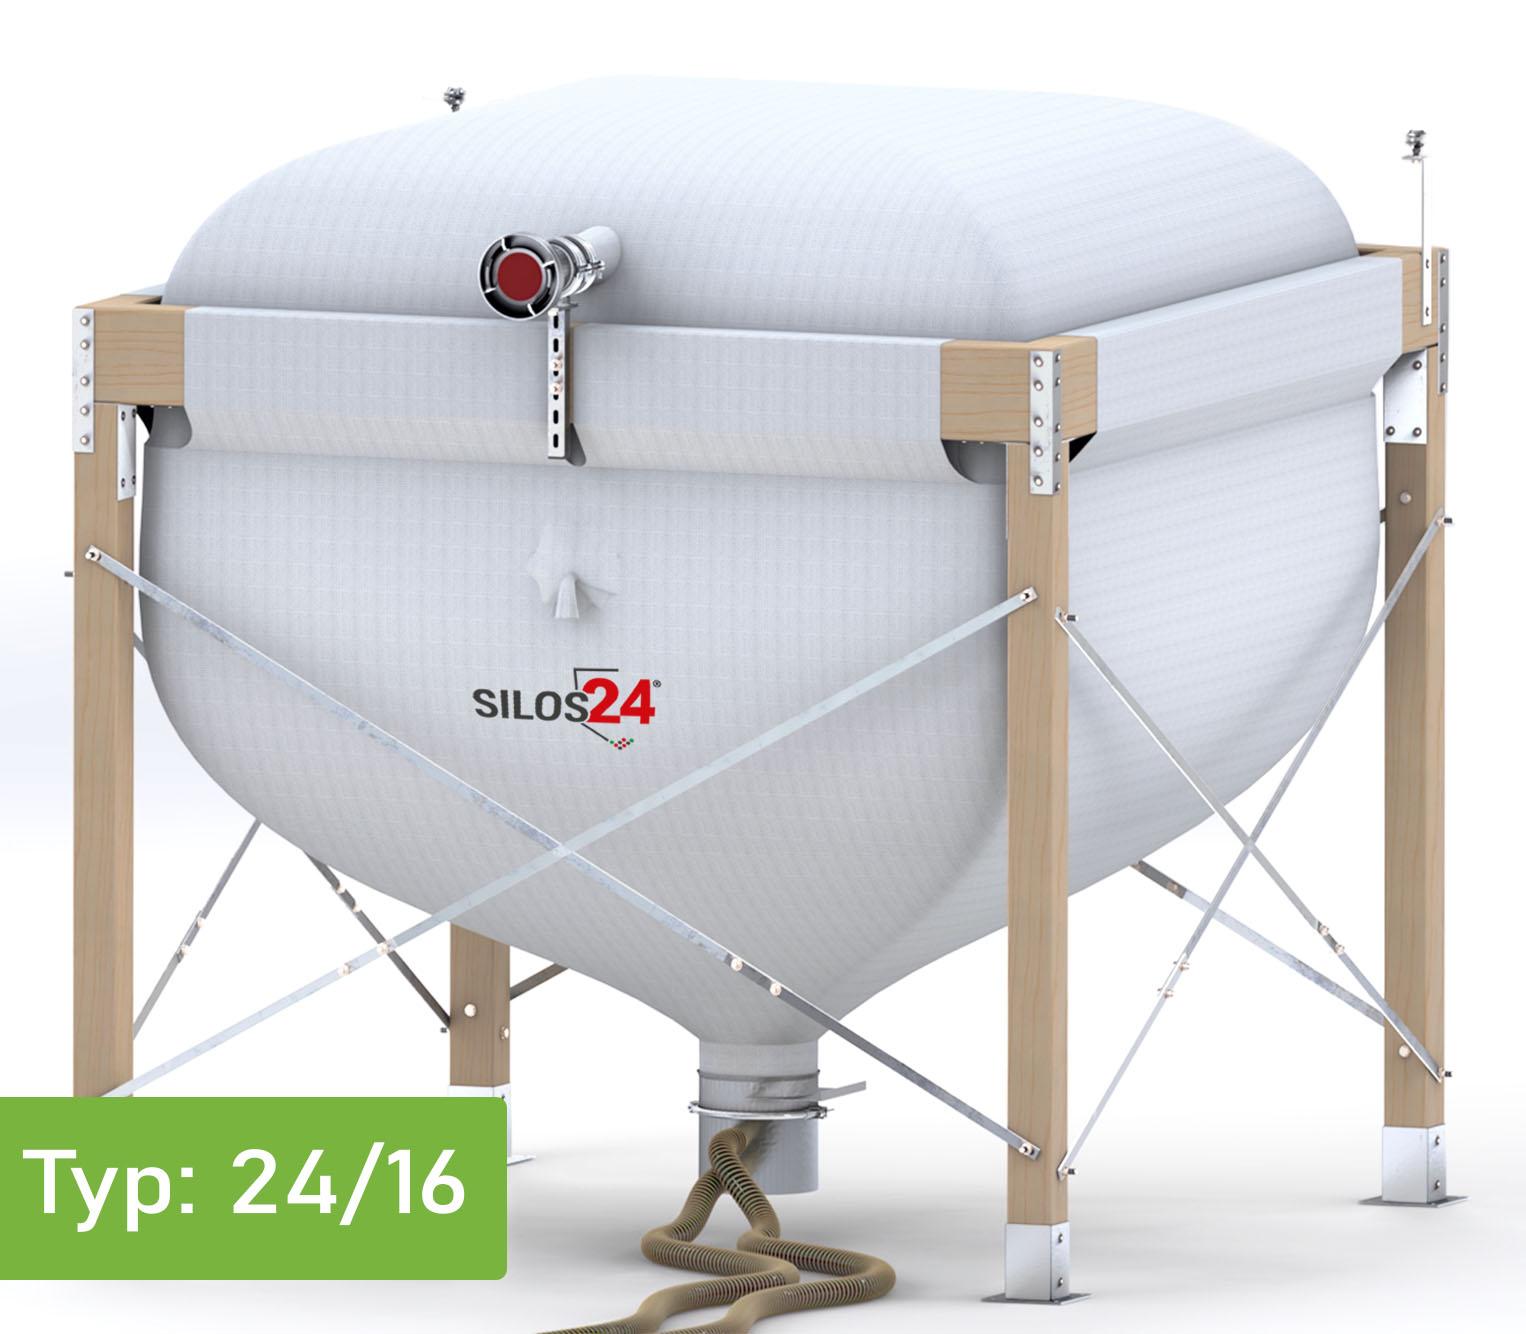 [Paket] Eco-Silo 2416 inkl. Absaugtopf, 50 m Schlauch NW 50/50 & Befestigungsschellen